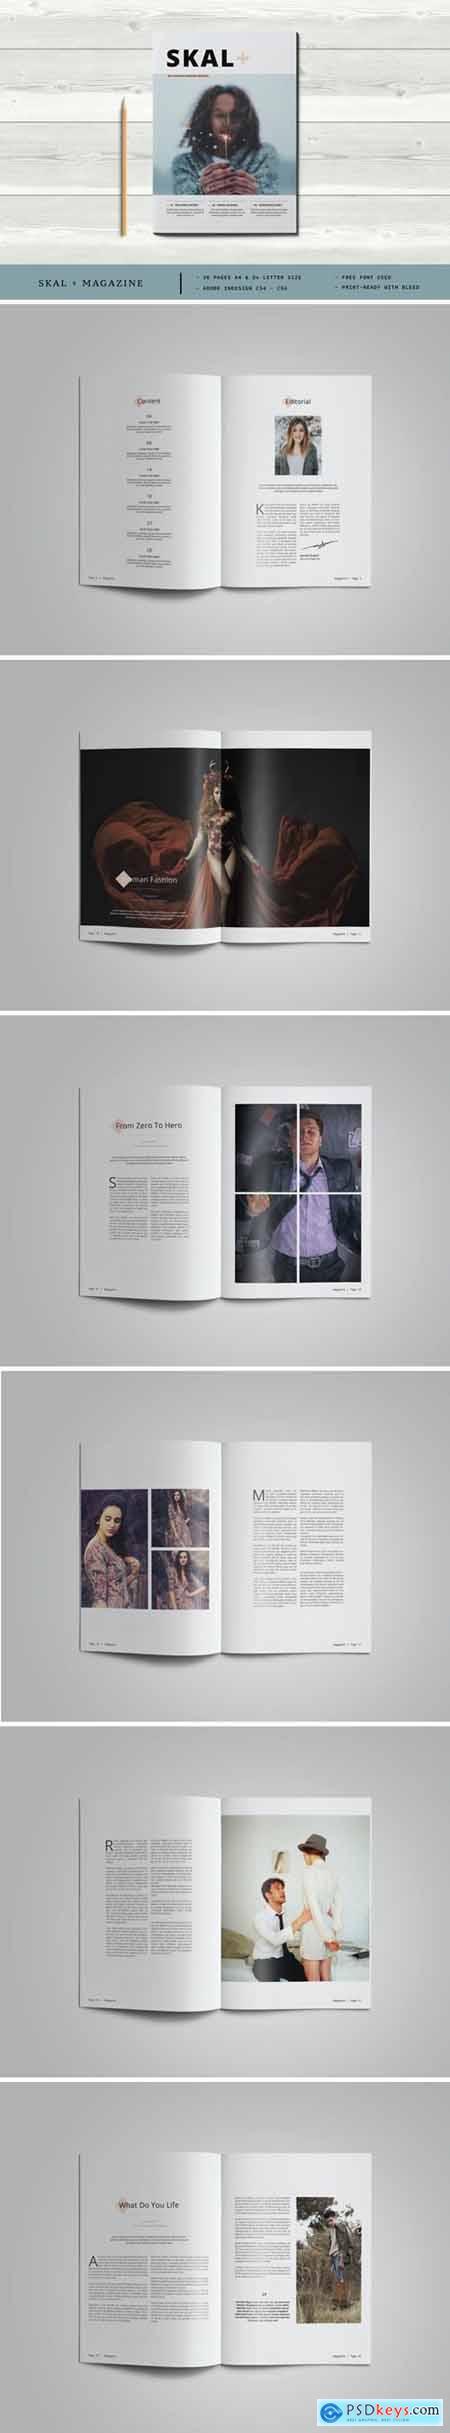 SKAL + Magazine